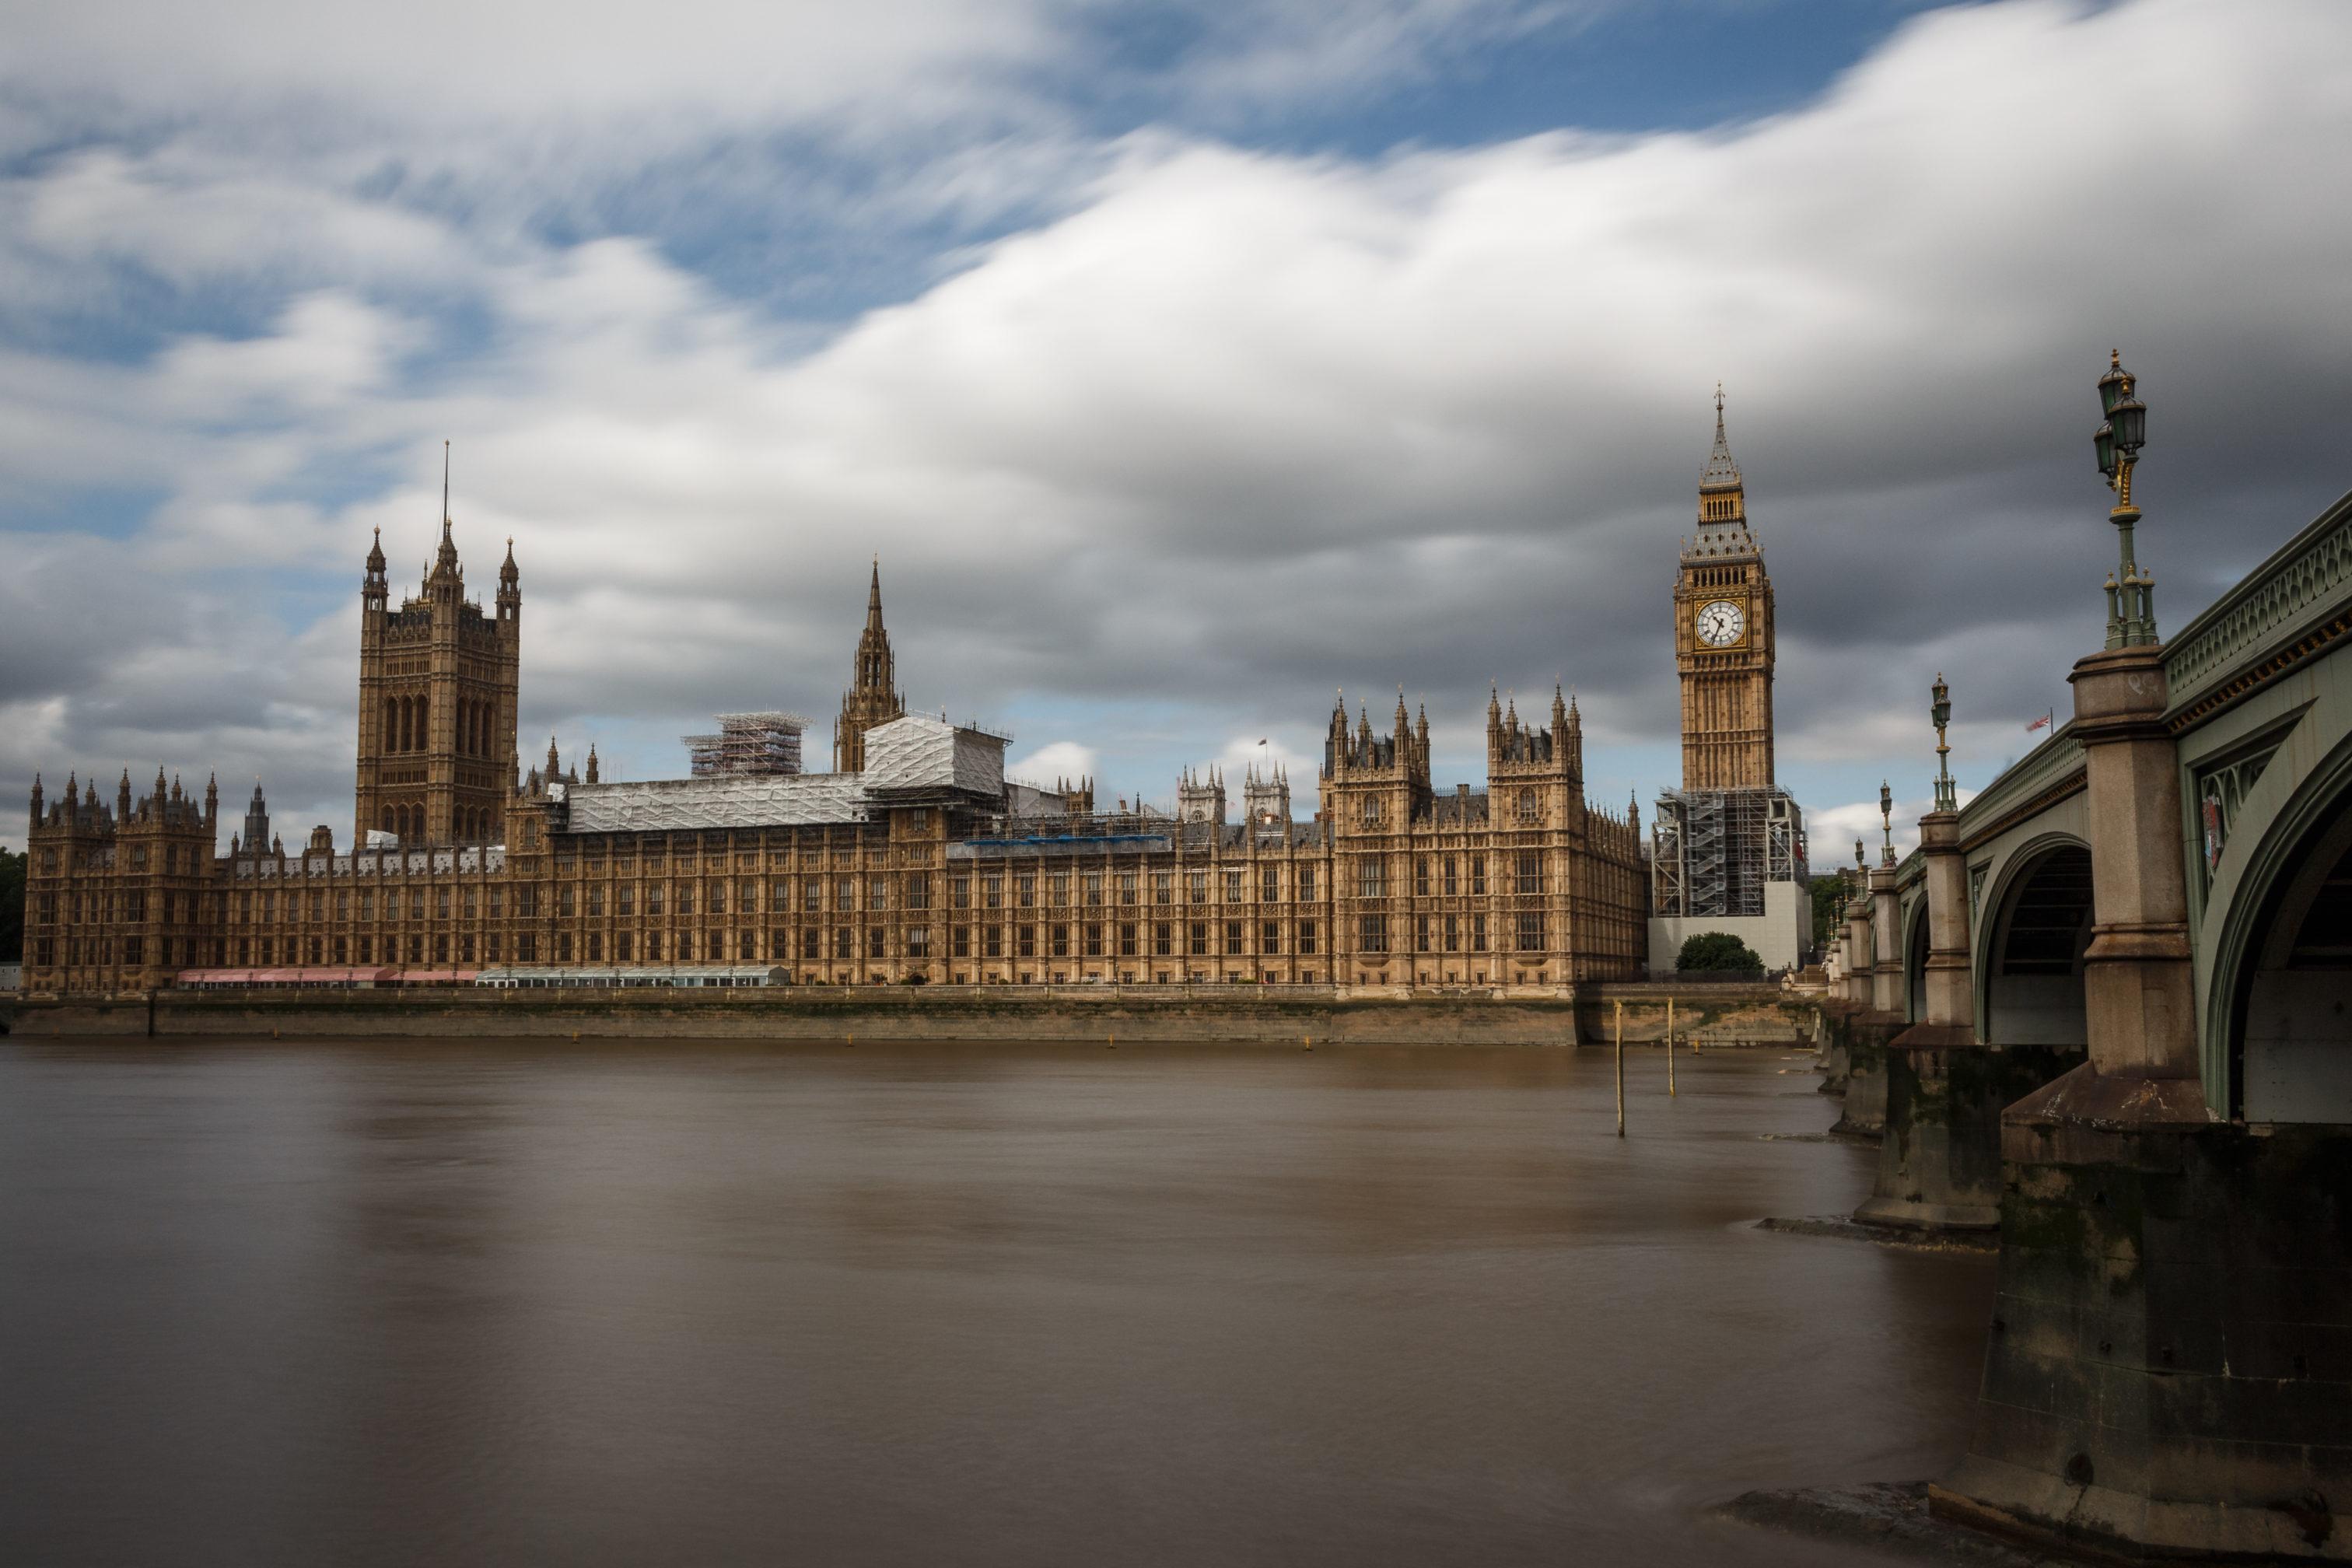 Westminster Palace mit Wolken, die über den Himmel ziehen